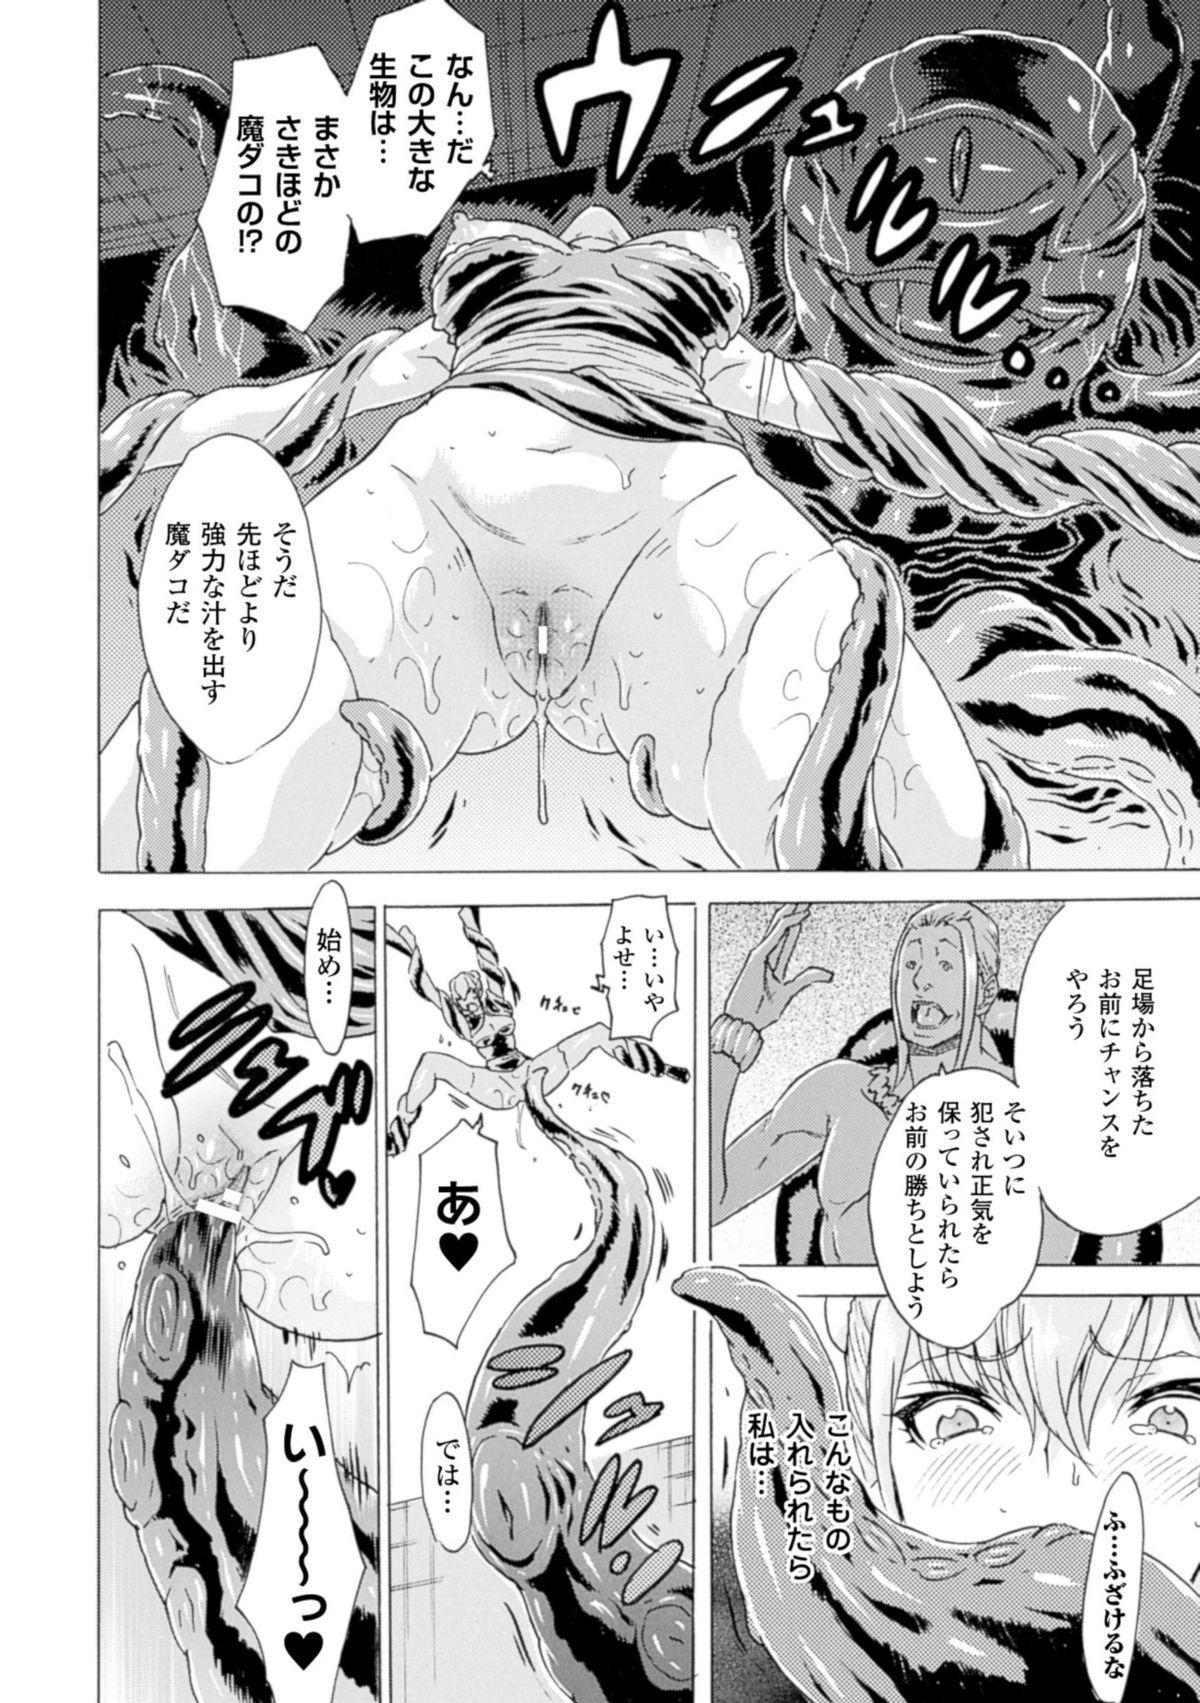 2D Comic Magazine Suisei Seibutsu ni Okasareru Heroine-tachi Vol. 1 15